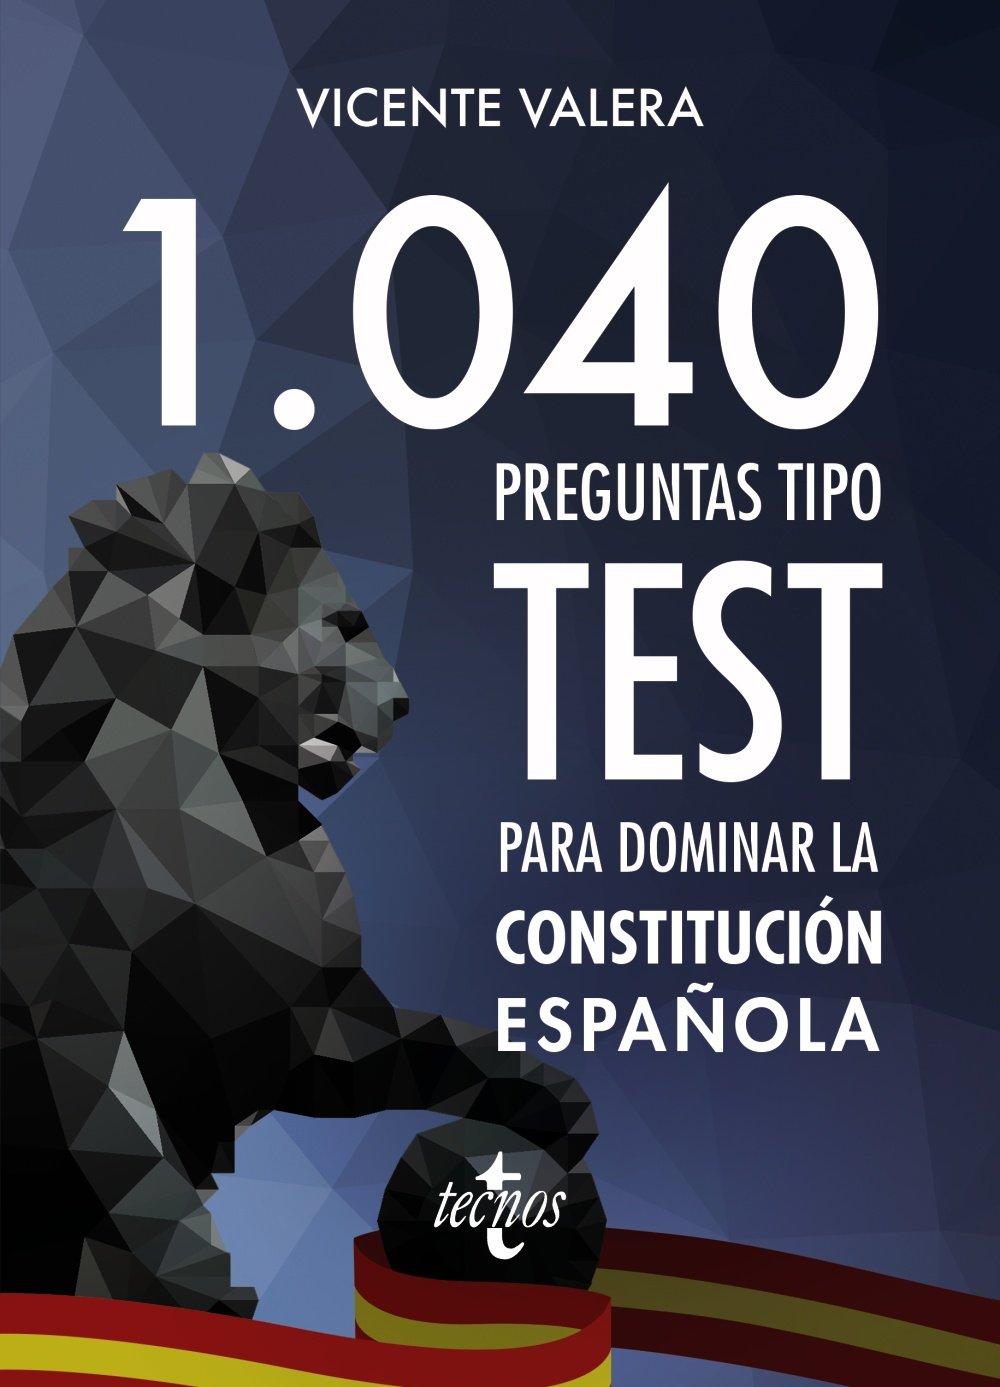 1040 preguntas tipo test para dominar la Constitución Española Derecho - Práctica Jurídica: Amazon.es: Valera, Vicente, Moure, Cinthia: Libros